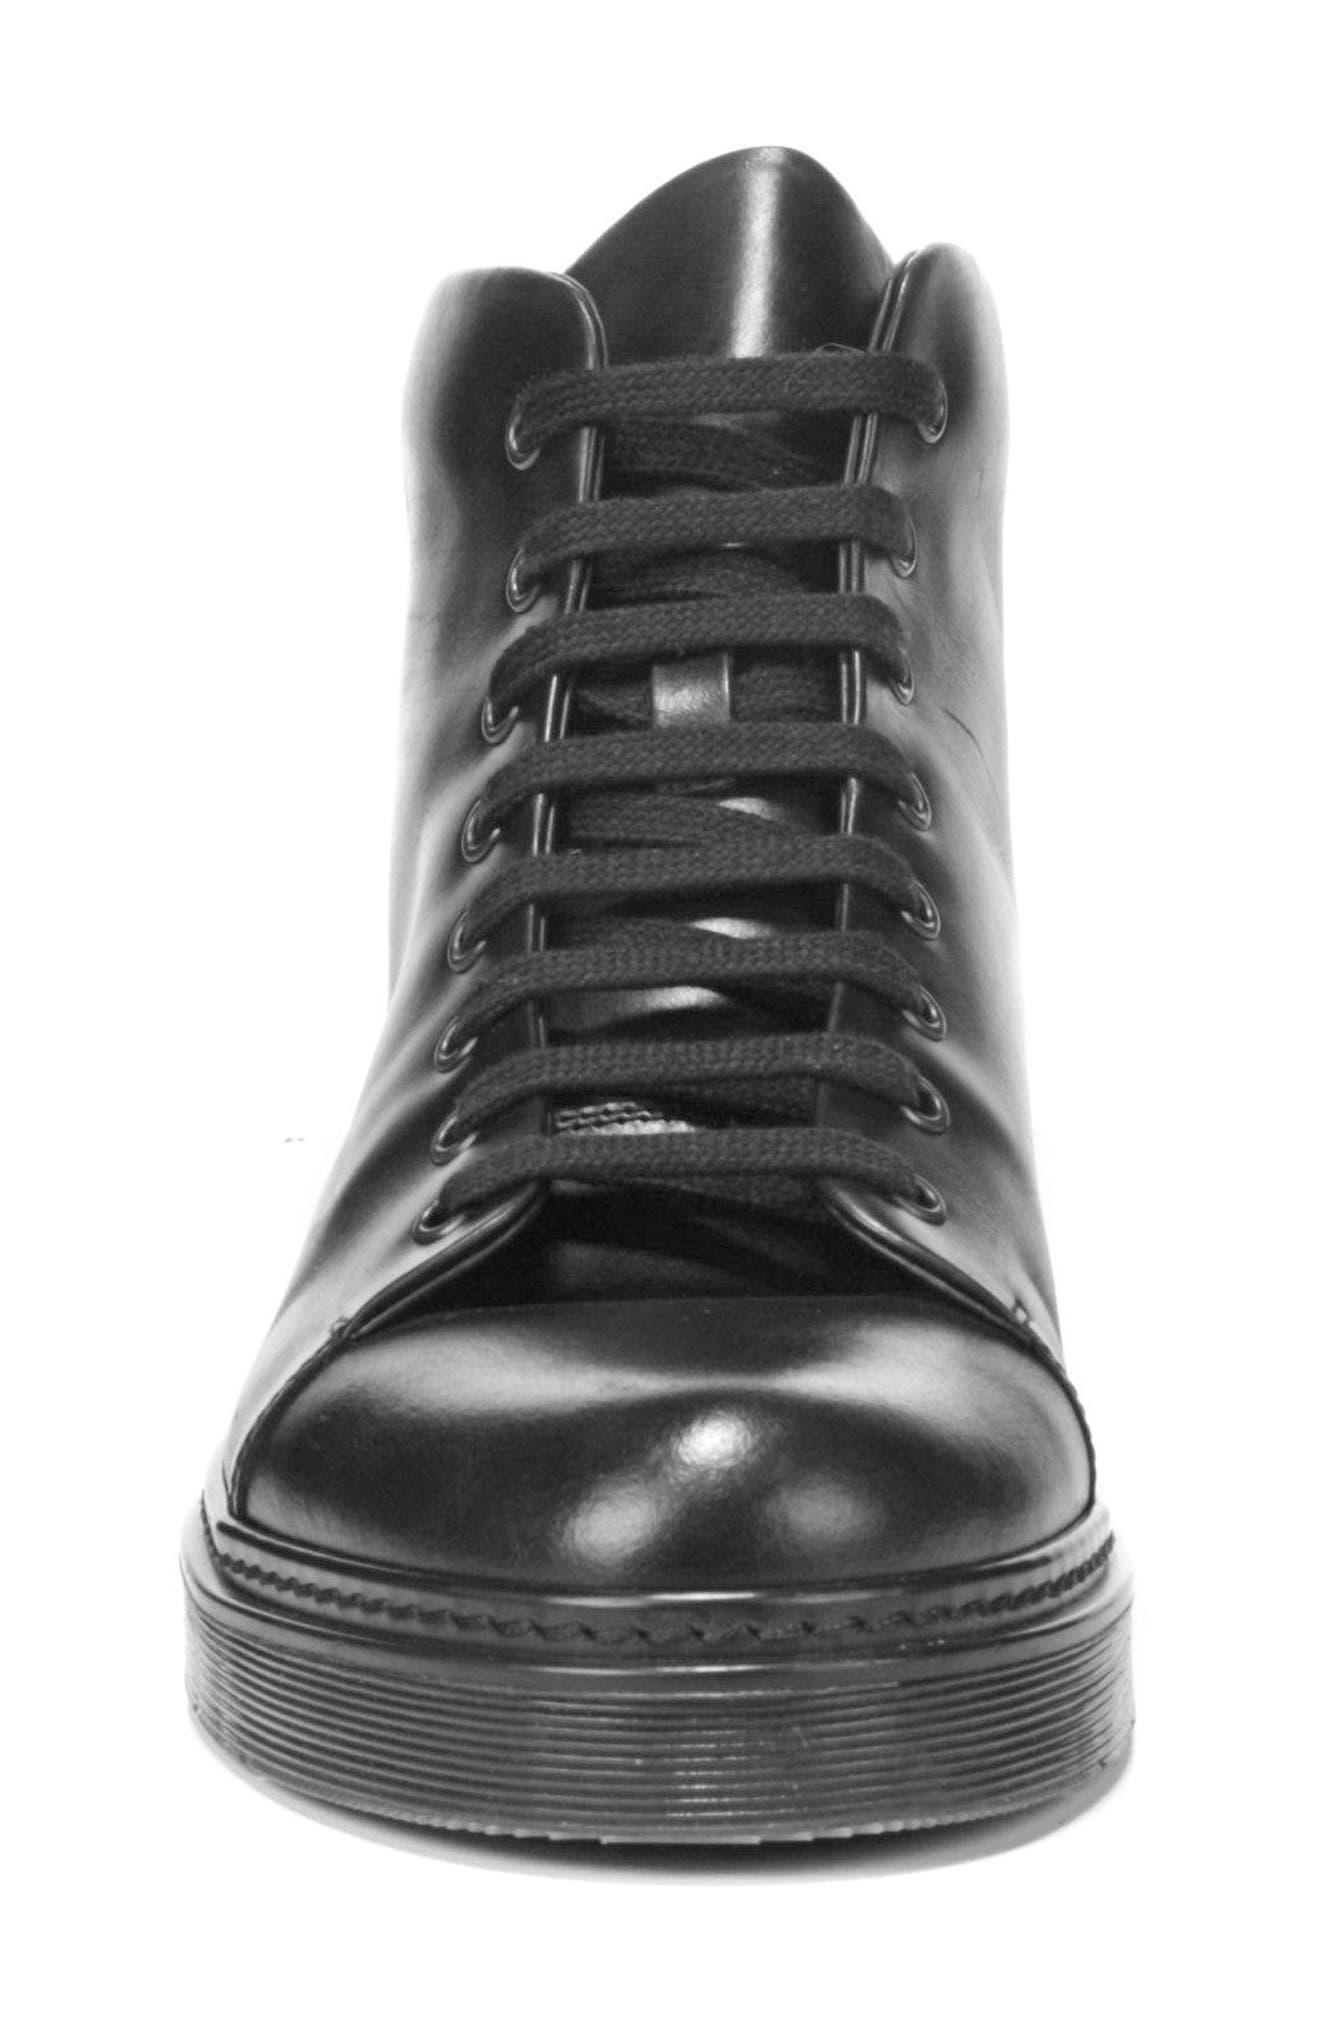 Malone Plain Toe Boot,                             Alternate thumbnail 4, color,                             001